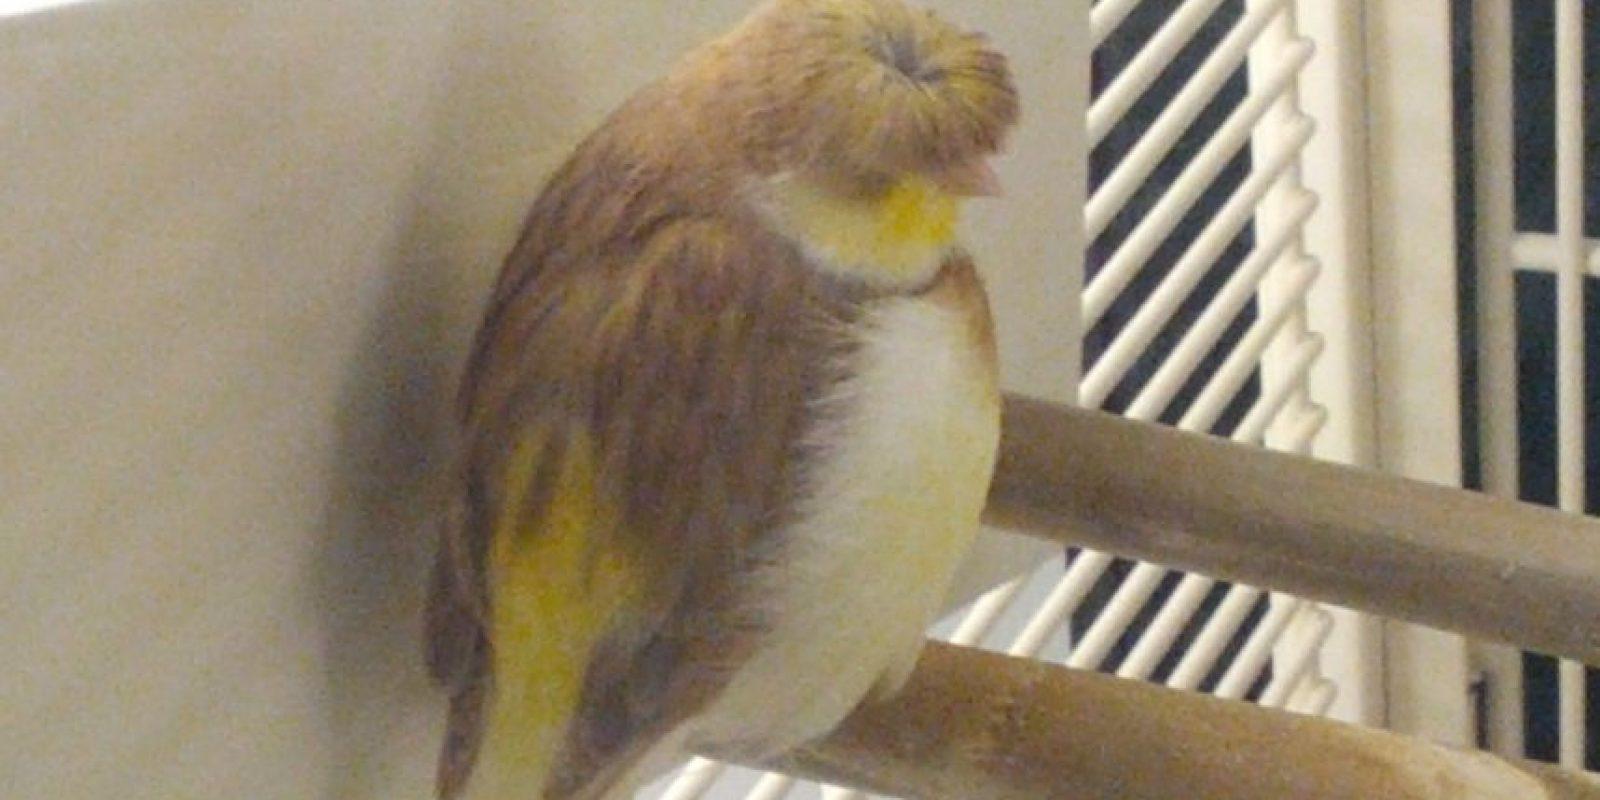 El comediante Chris Farley en un pájaro. Foto:imgur.com